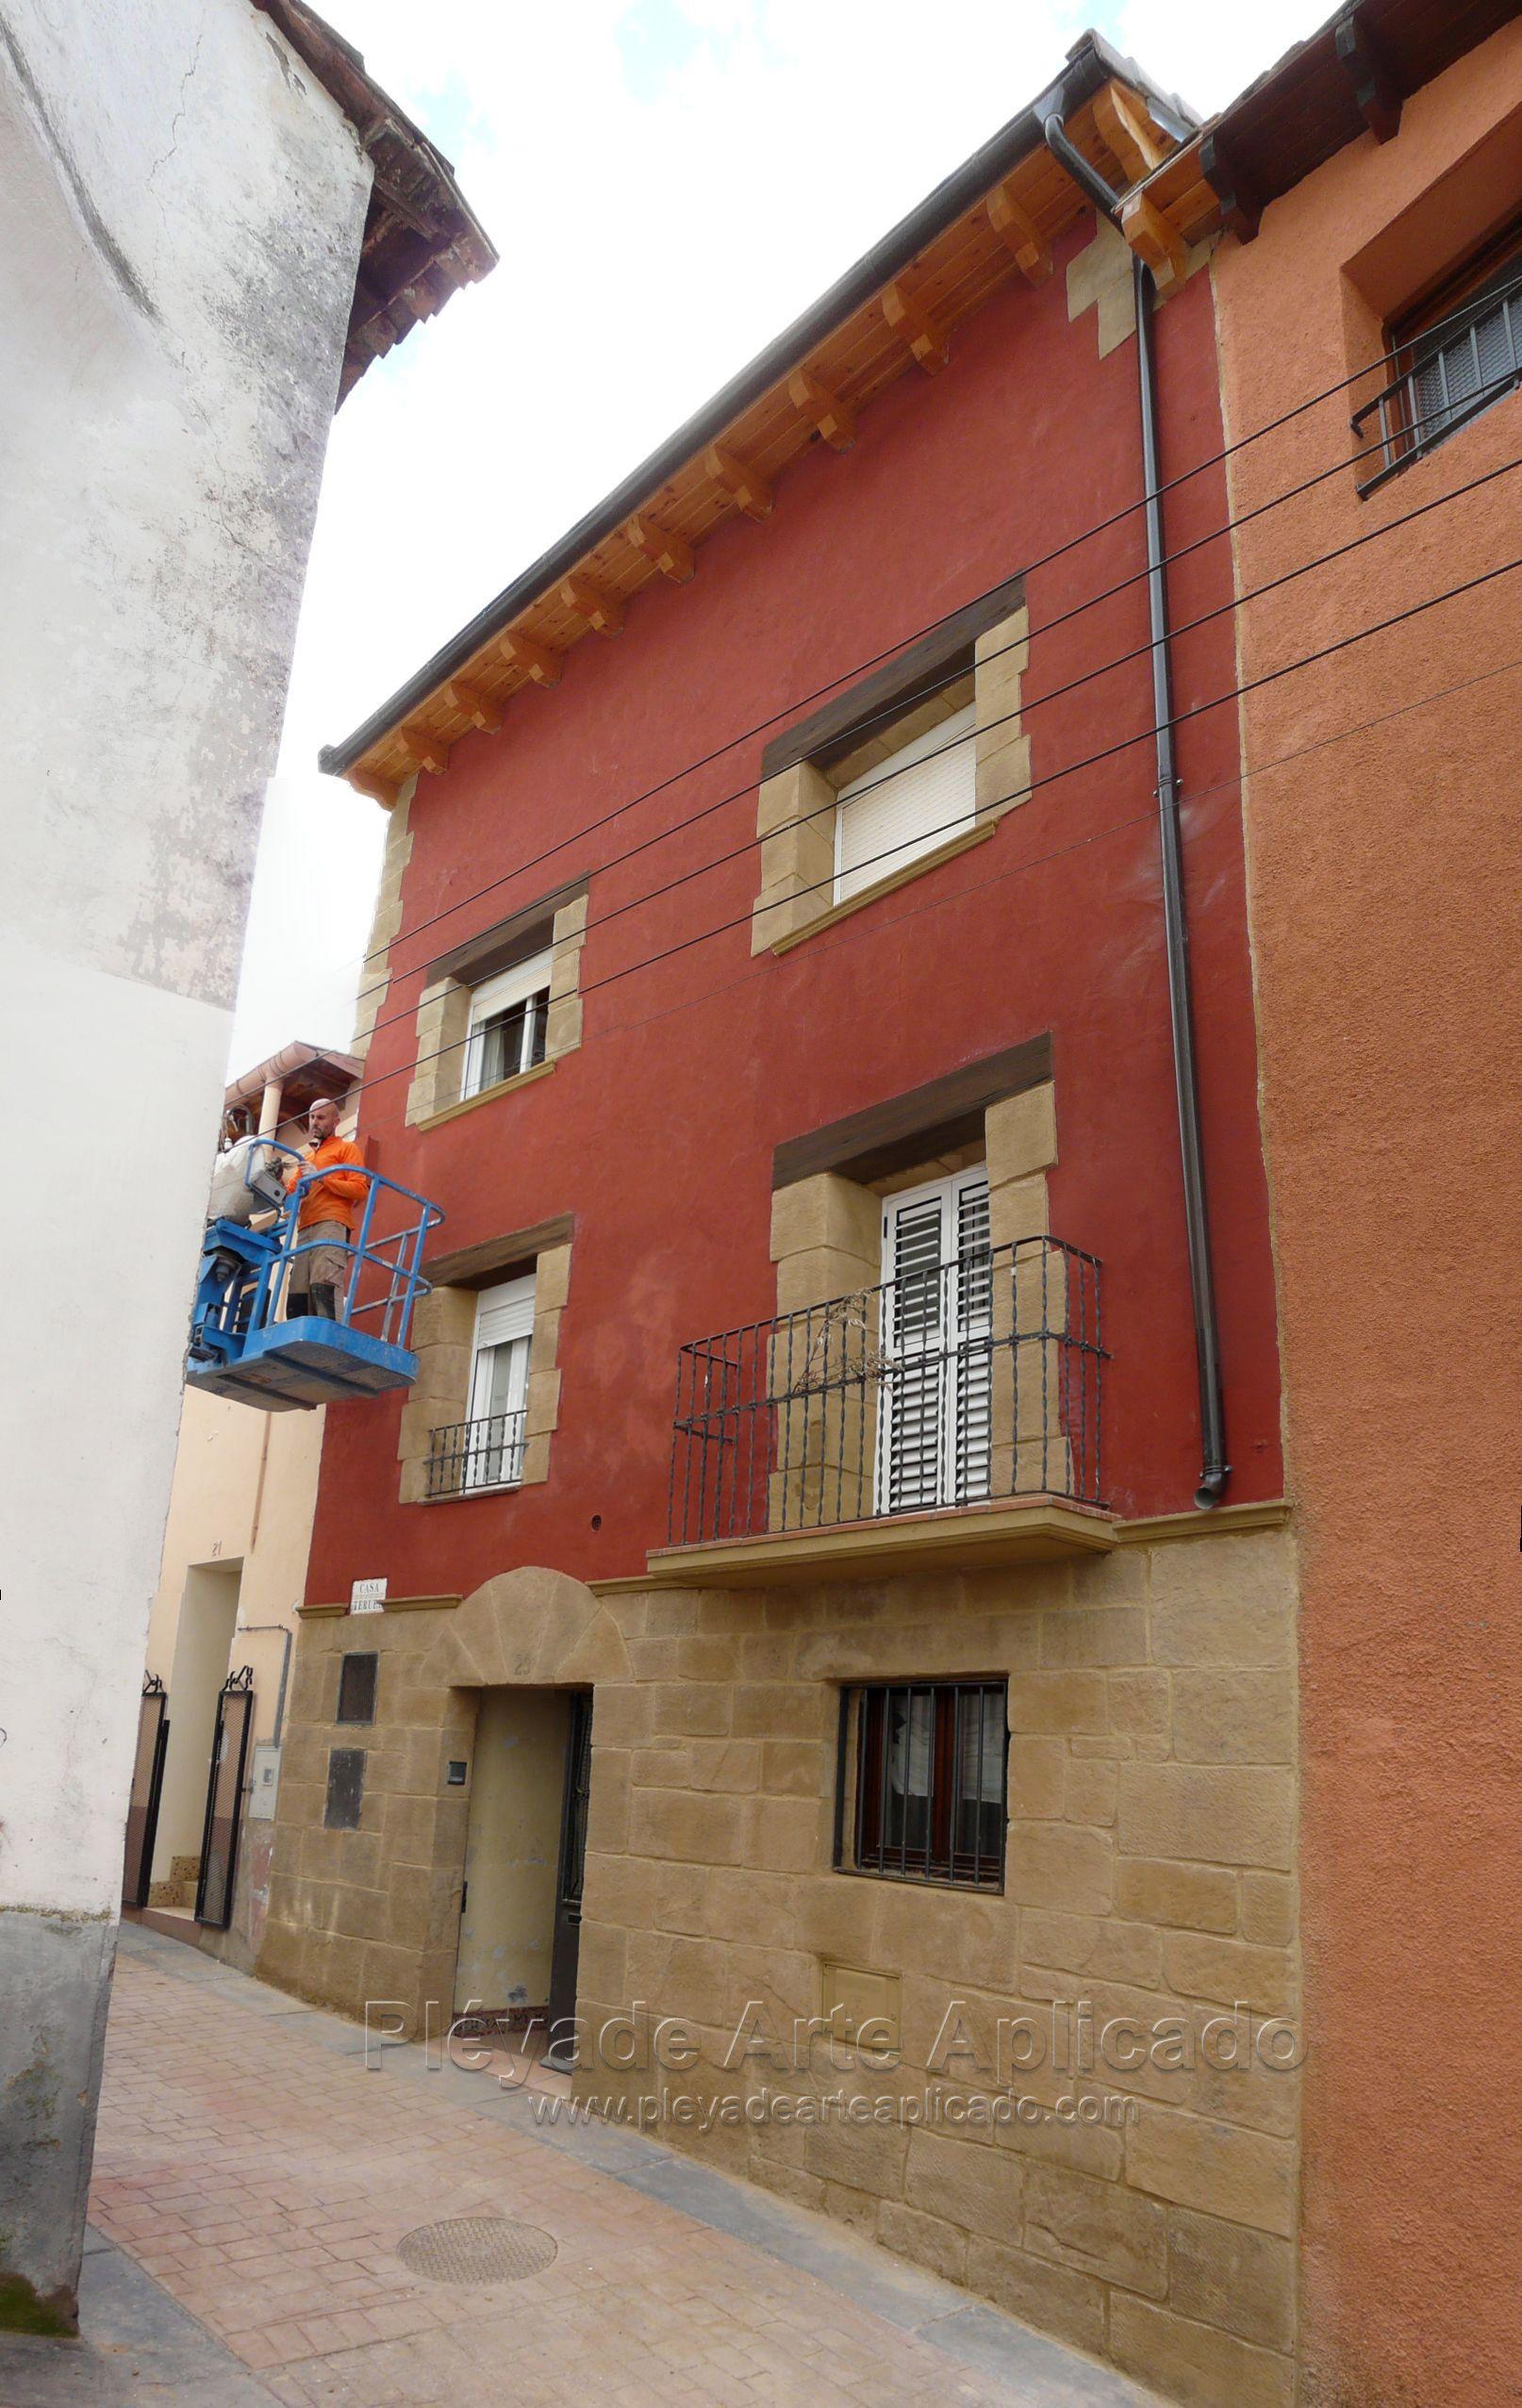 Decoraci n de fachada con piedra artificial y estuco fachadas pinterest decoracion de - Rehabilitacion de casas antiguas ...